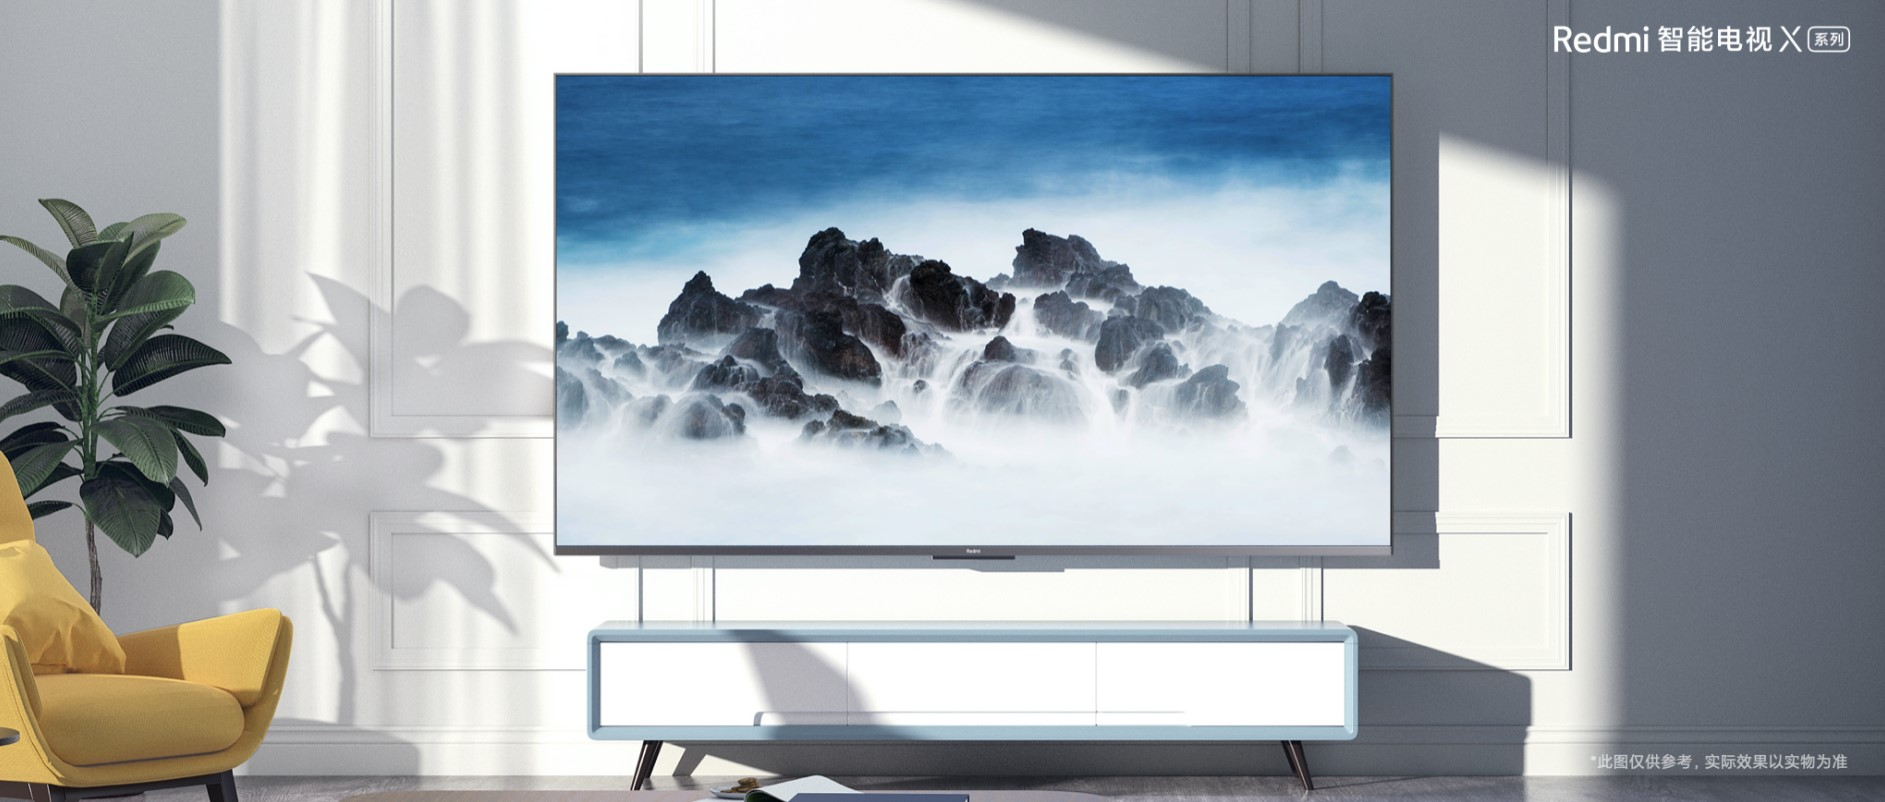 年轻人的轻旗舰 Redmi智能电视X系列发布 65英寸到